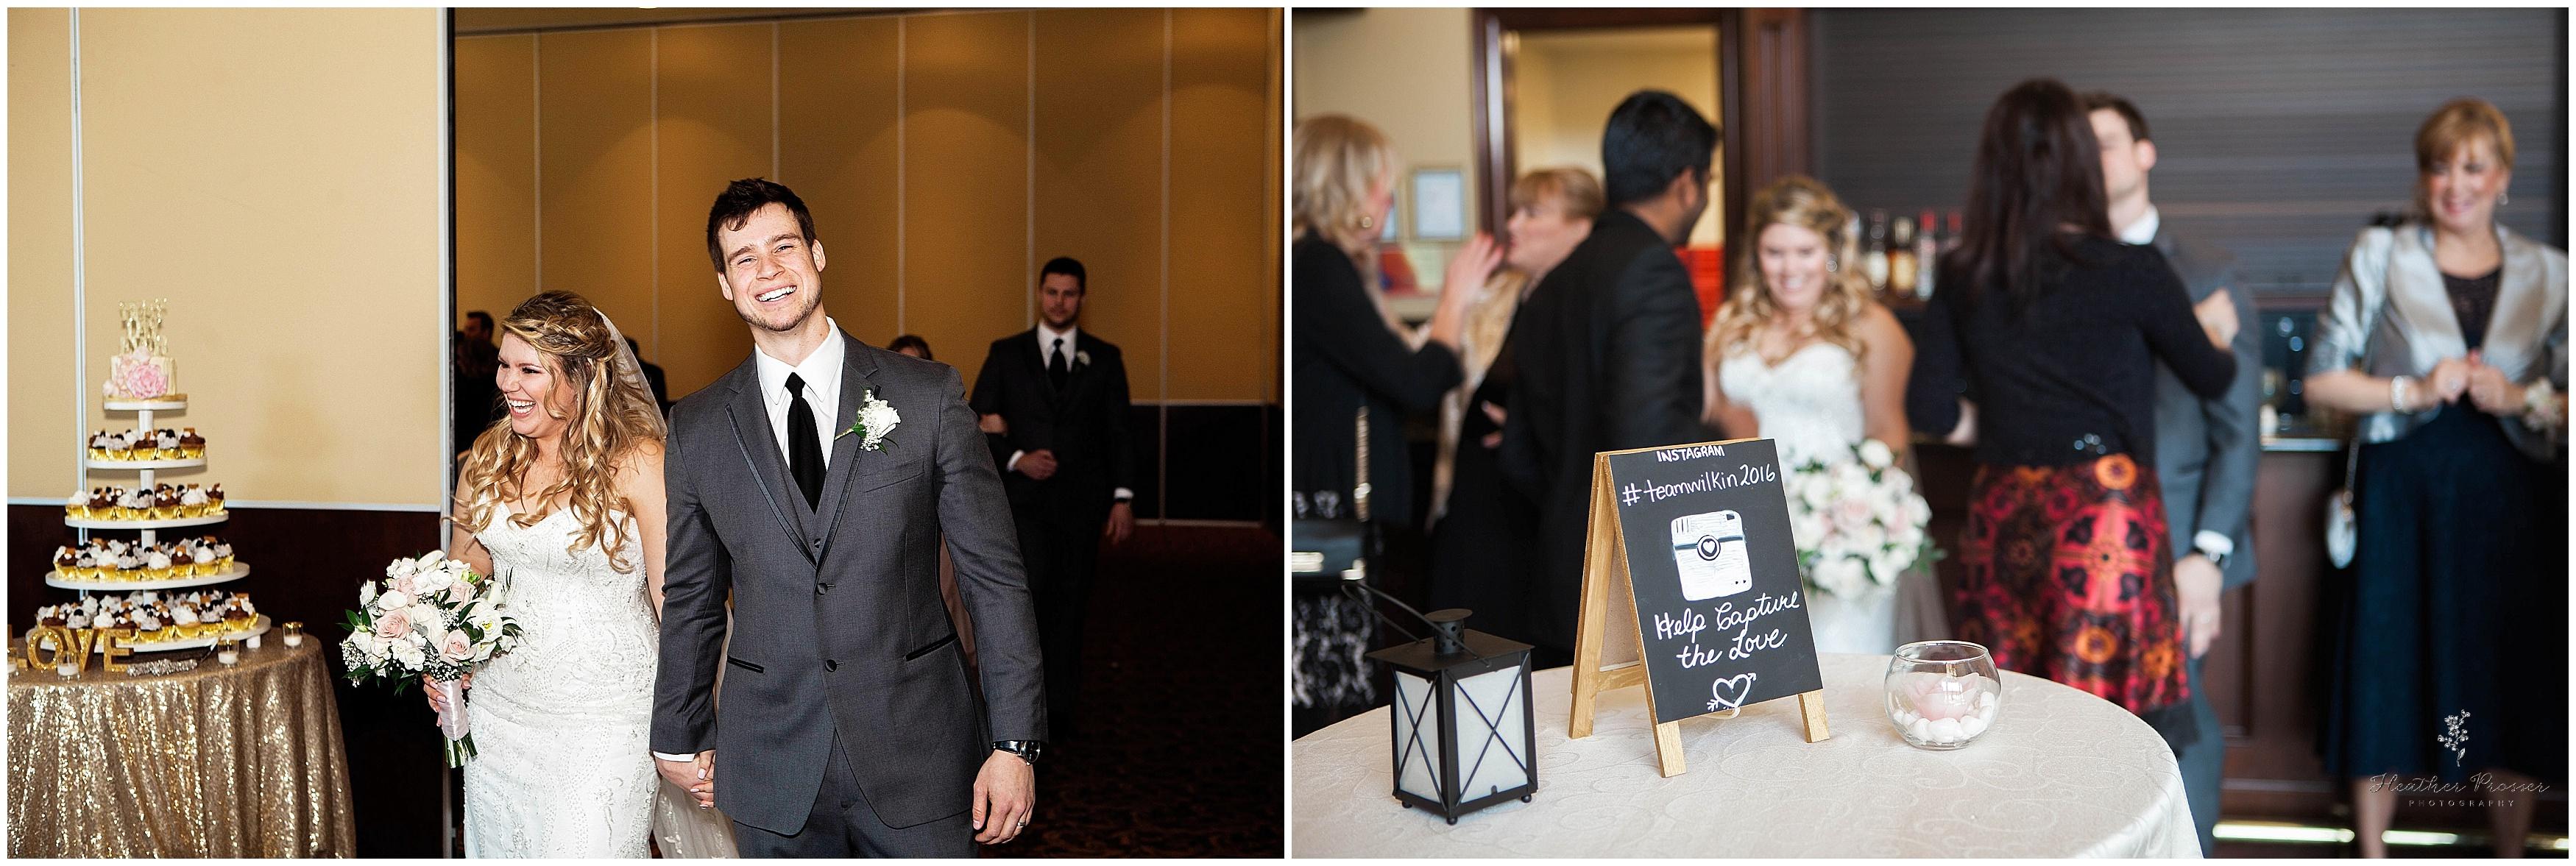 NestletonWatersInn-wedding_0172.jpg